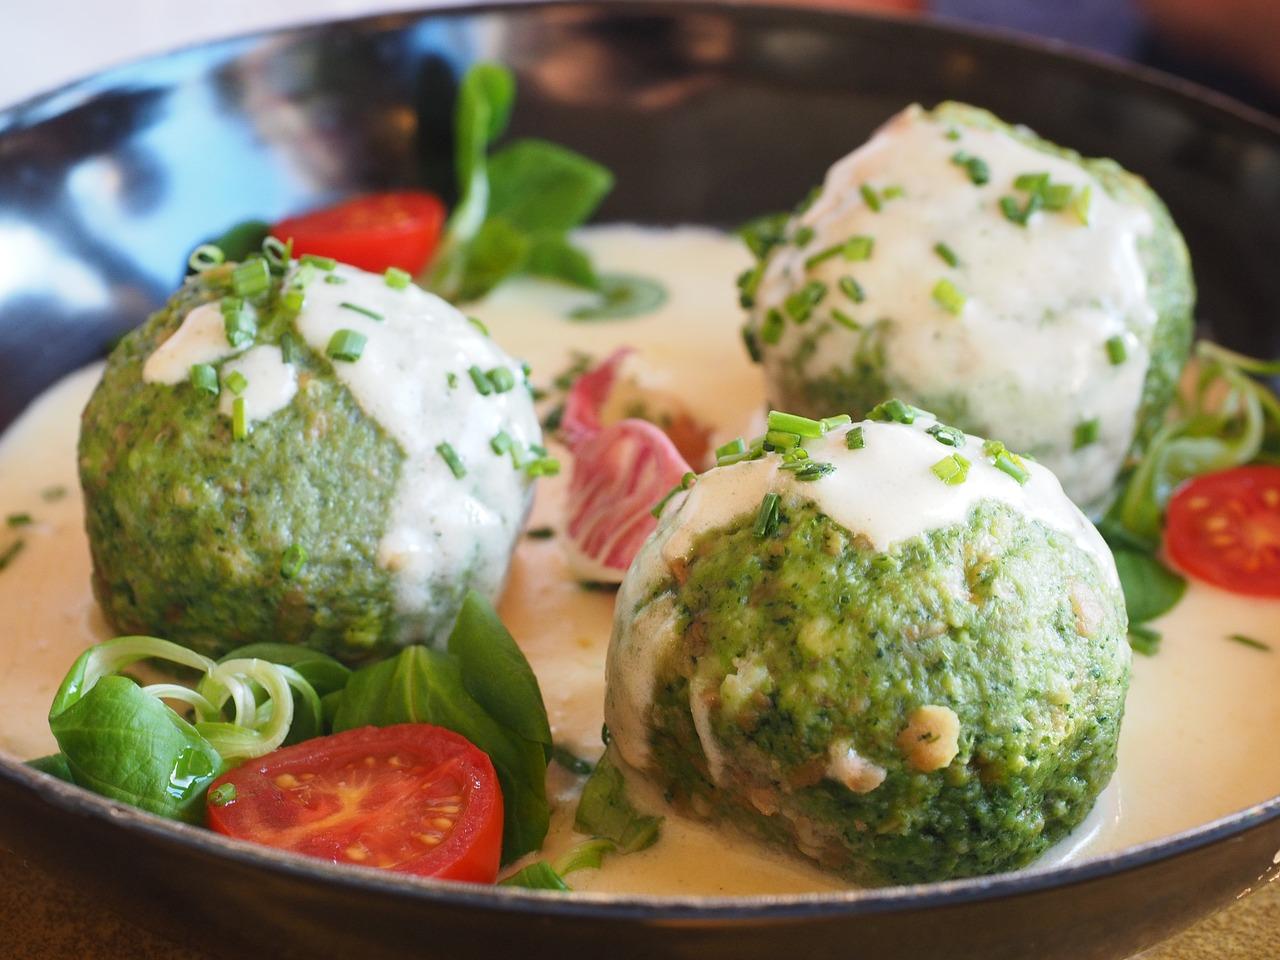 spinach-dumplings-2738948_1280.jpg